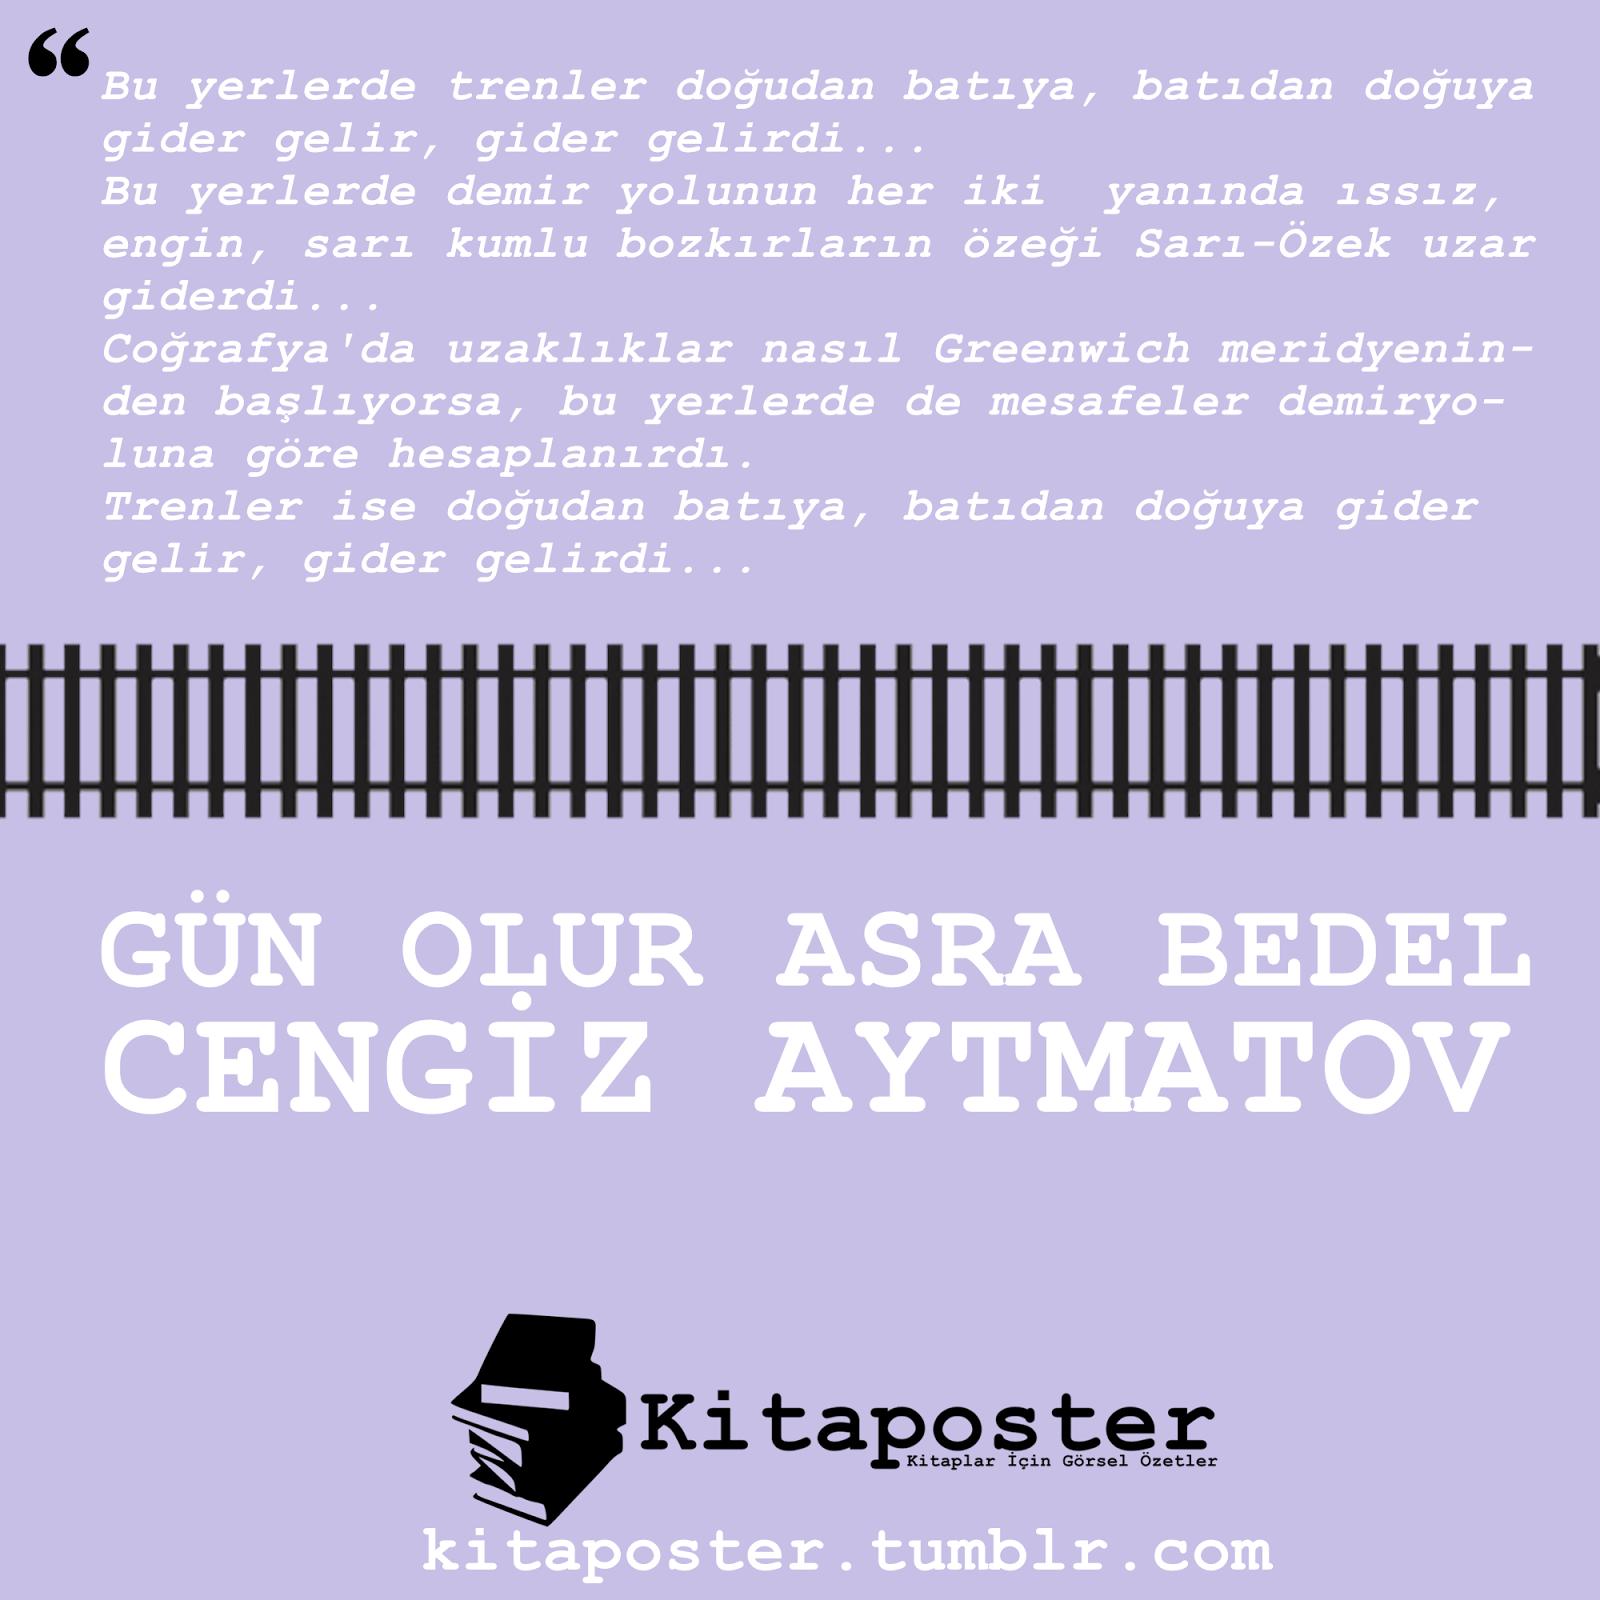 Cengiz Aytmatov - Gün Olur Asra Bedel[Kitaposter]